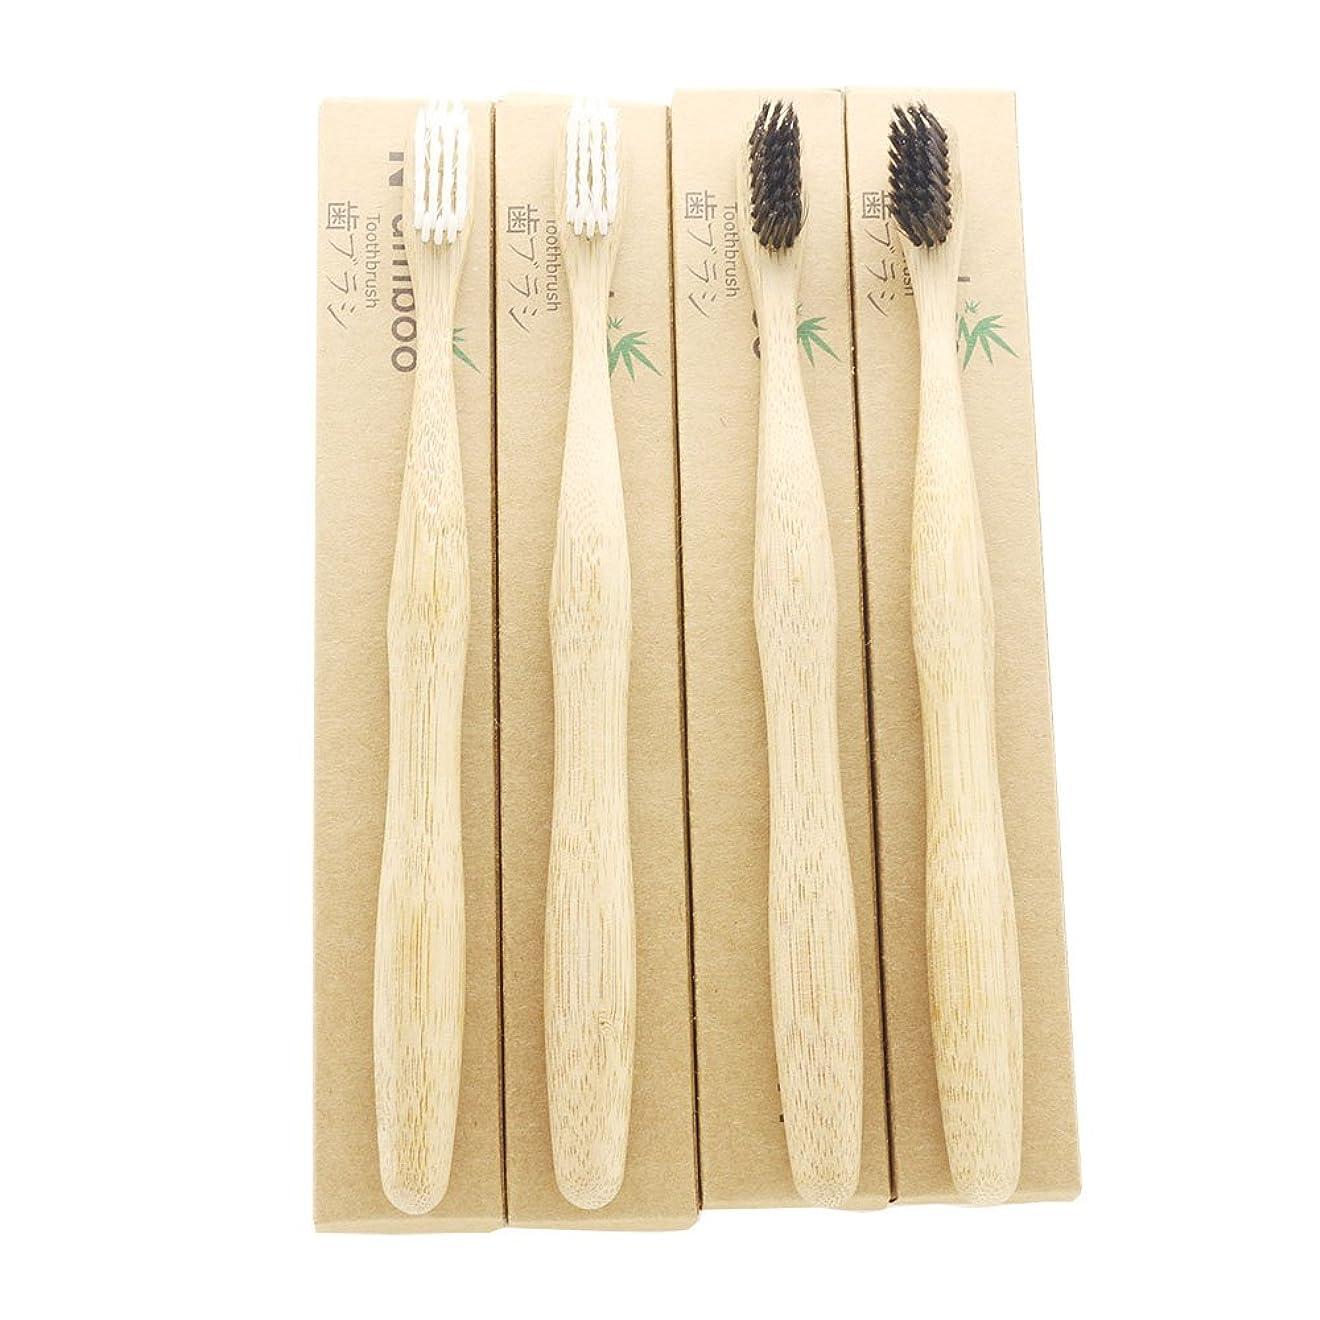 フェリーリスト強制N-amboo 竹製 歯ブラシ 高耐久性 白と黒 セット エコ (4本)